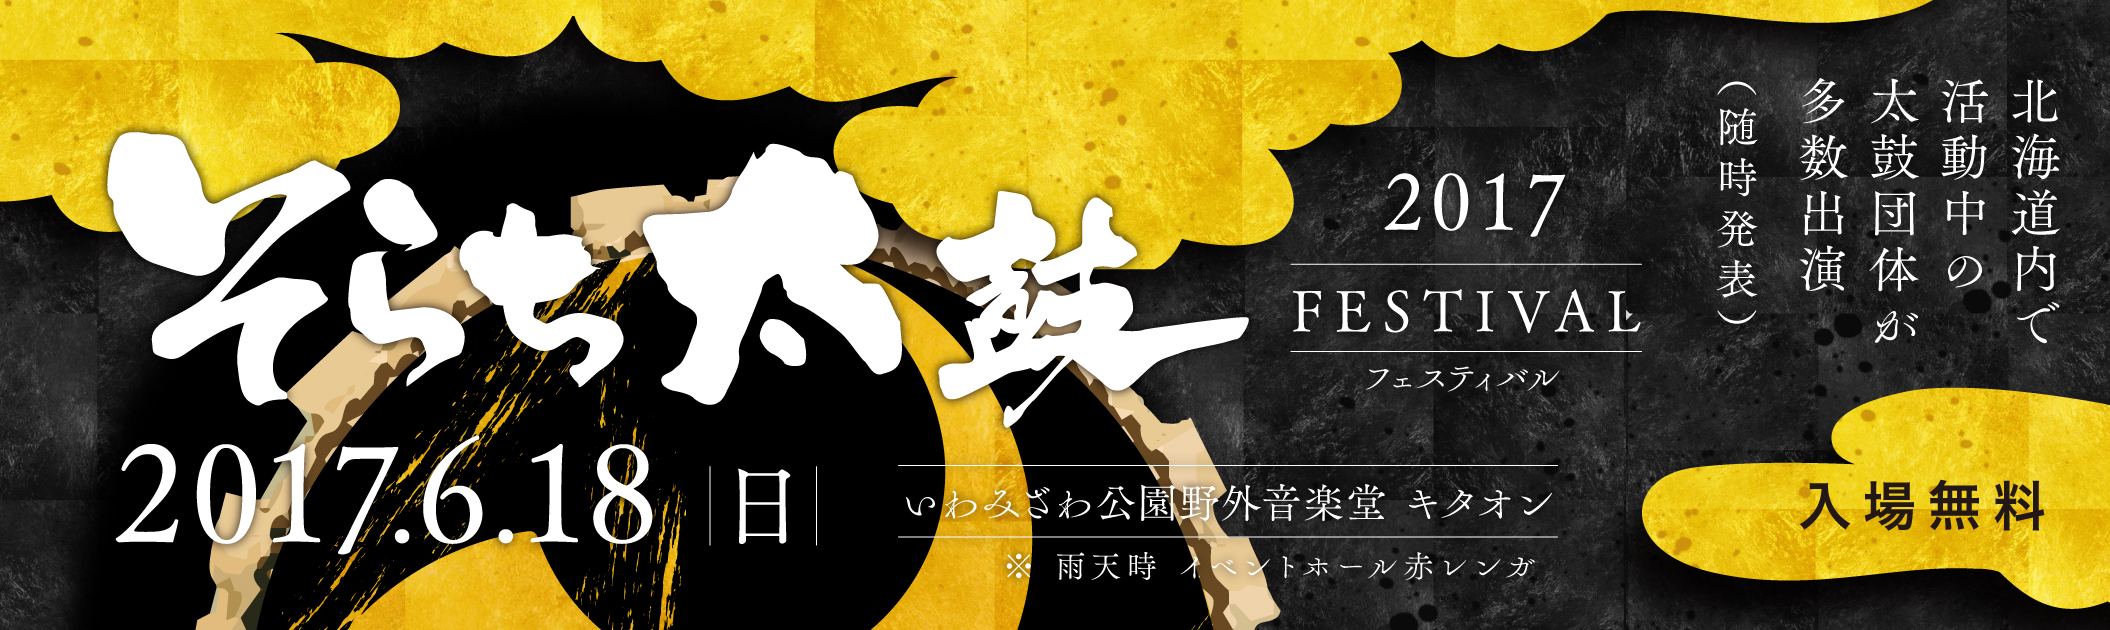 そらち太鼓フェスティバル2017